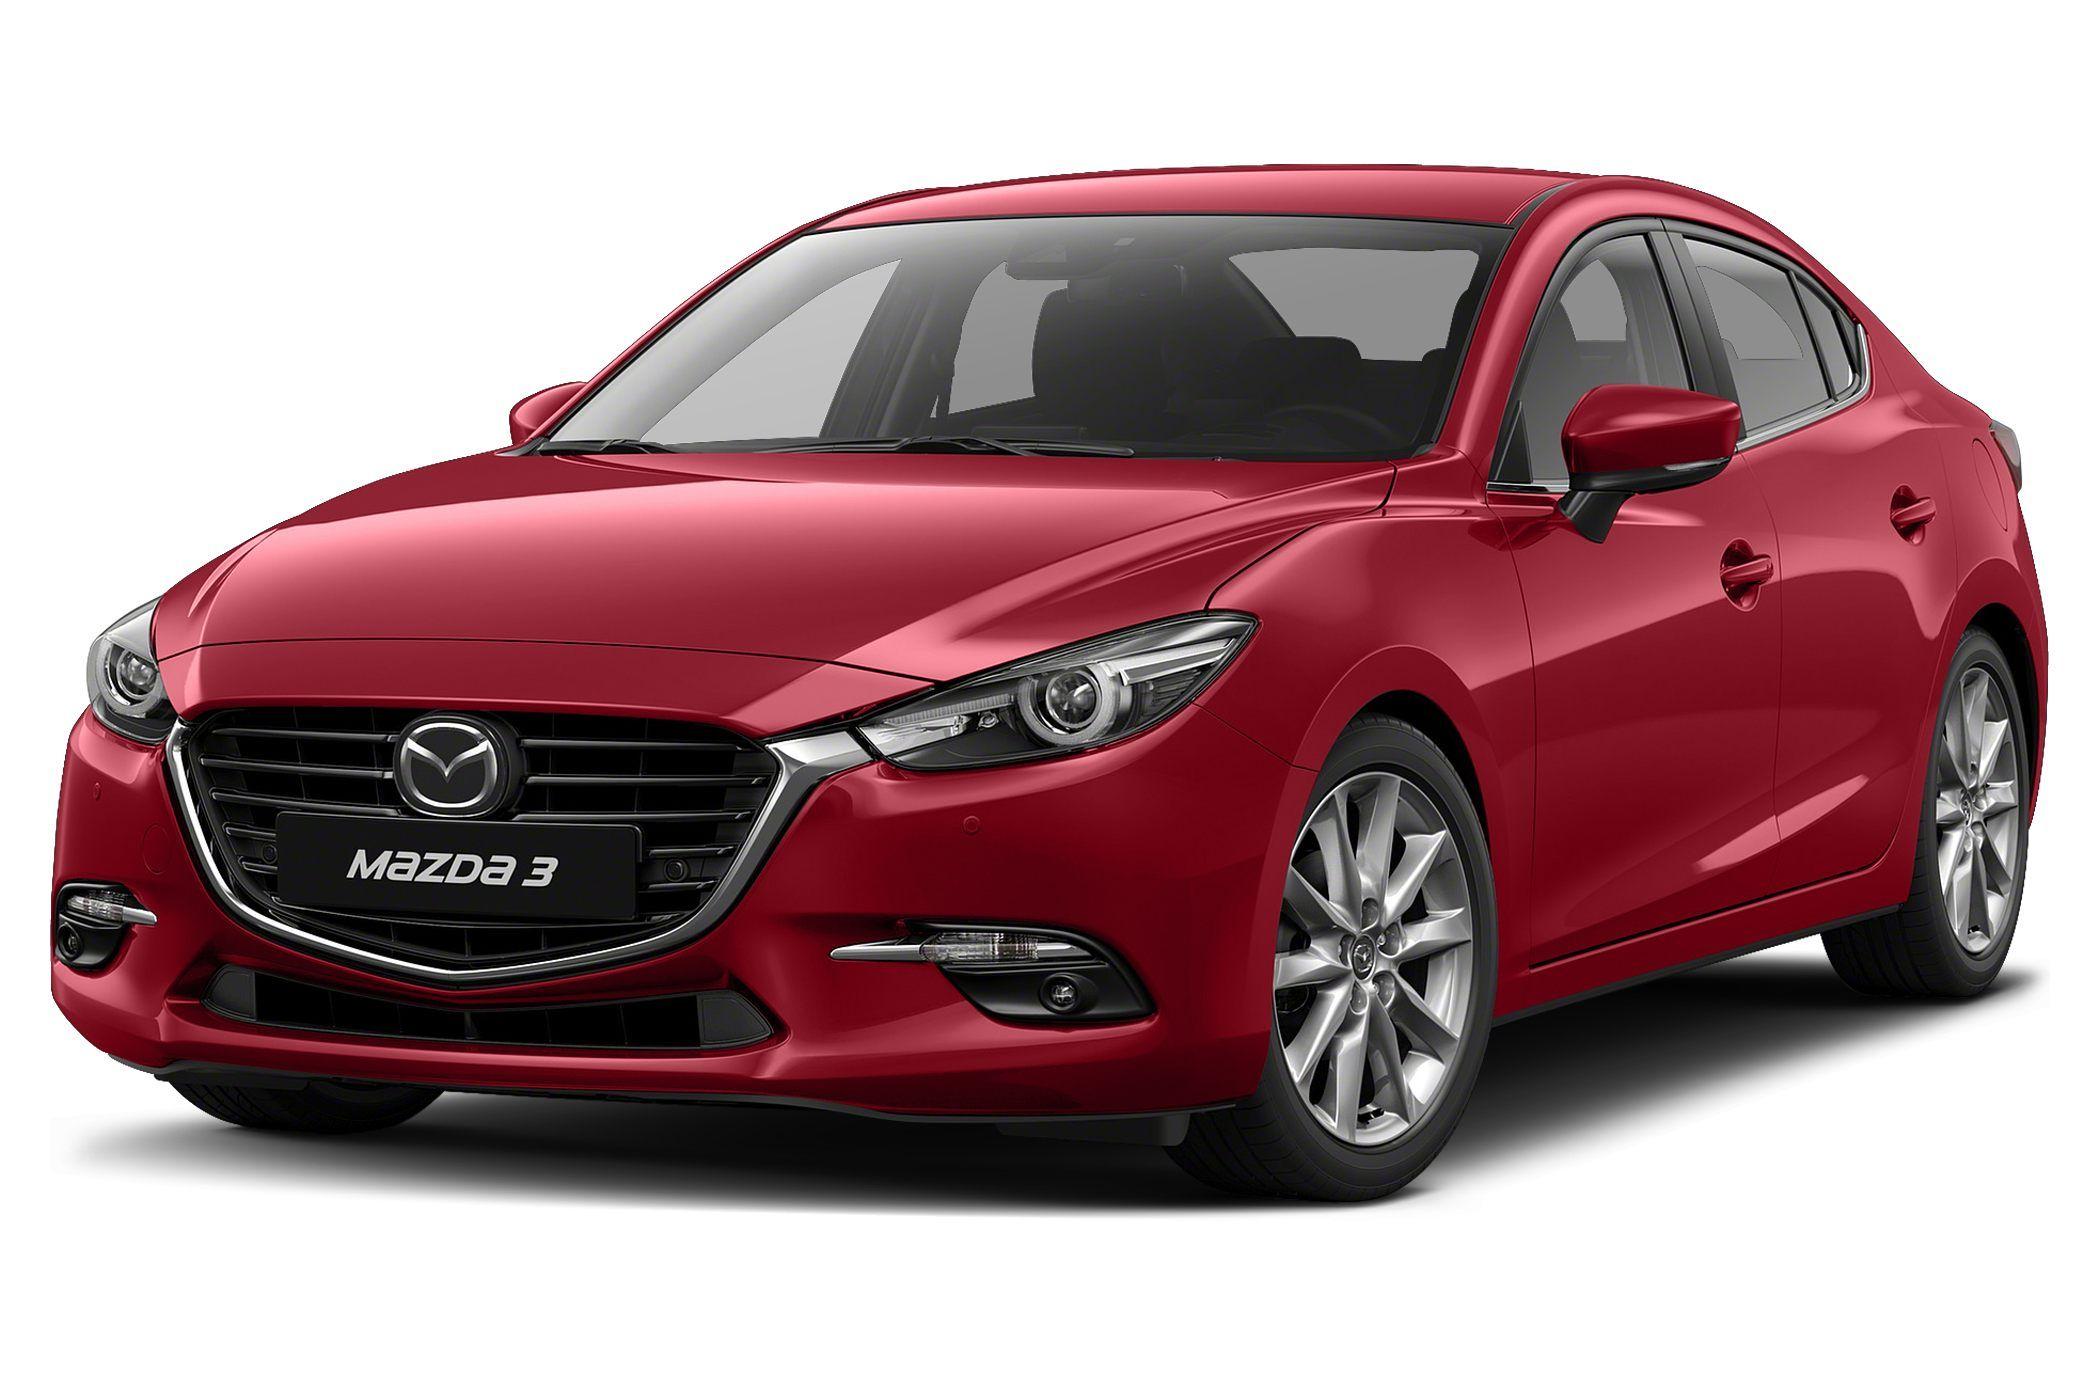 images (2100×1386) MAZDA 3 Mazda 3 sedan, Mazda mazda3